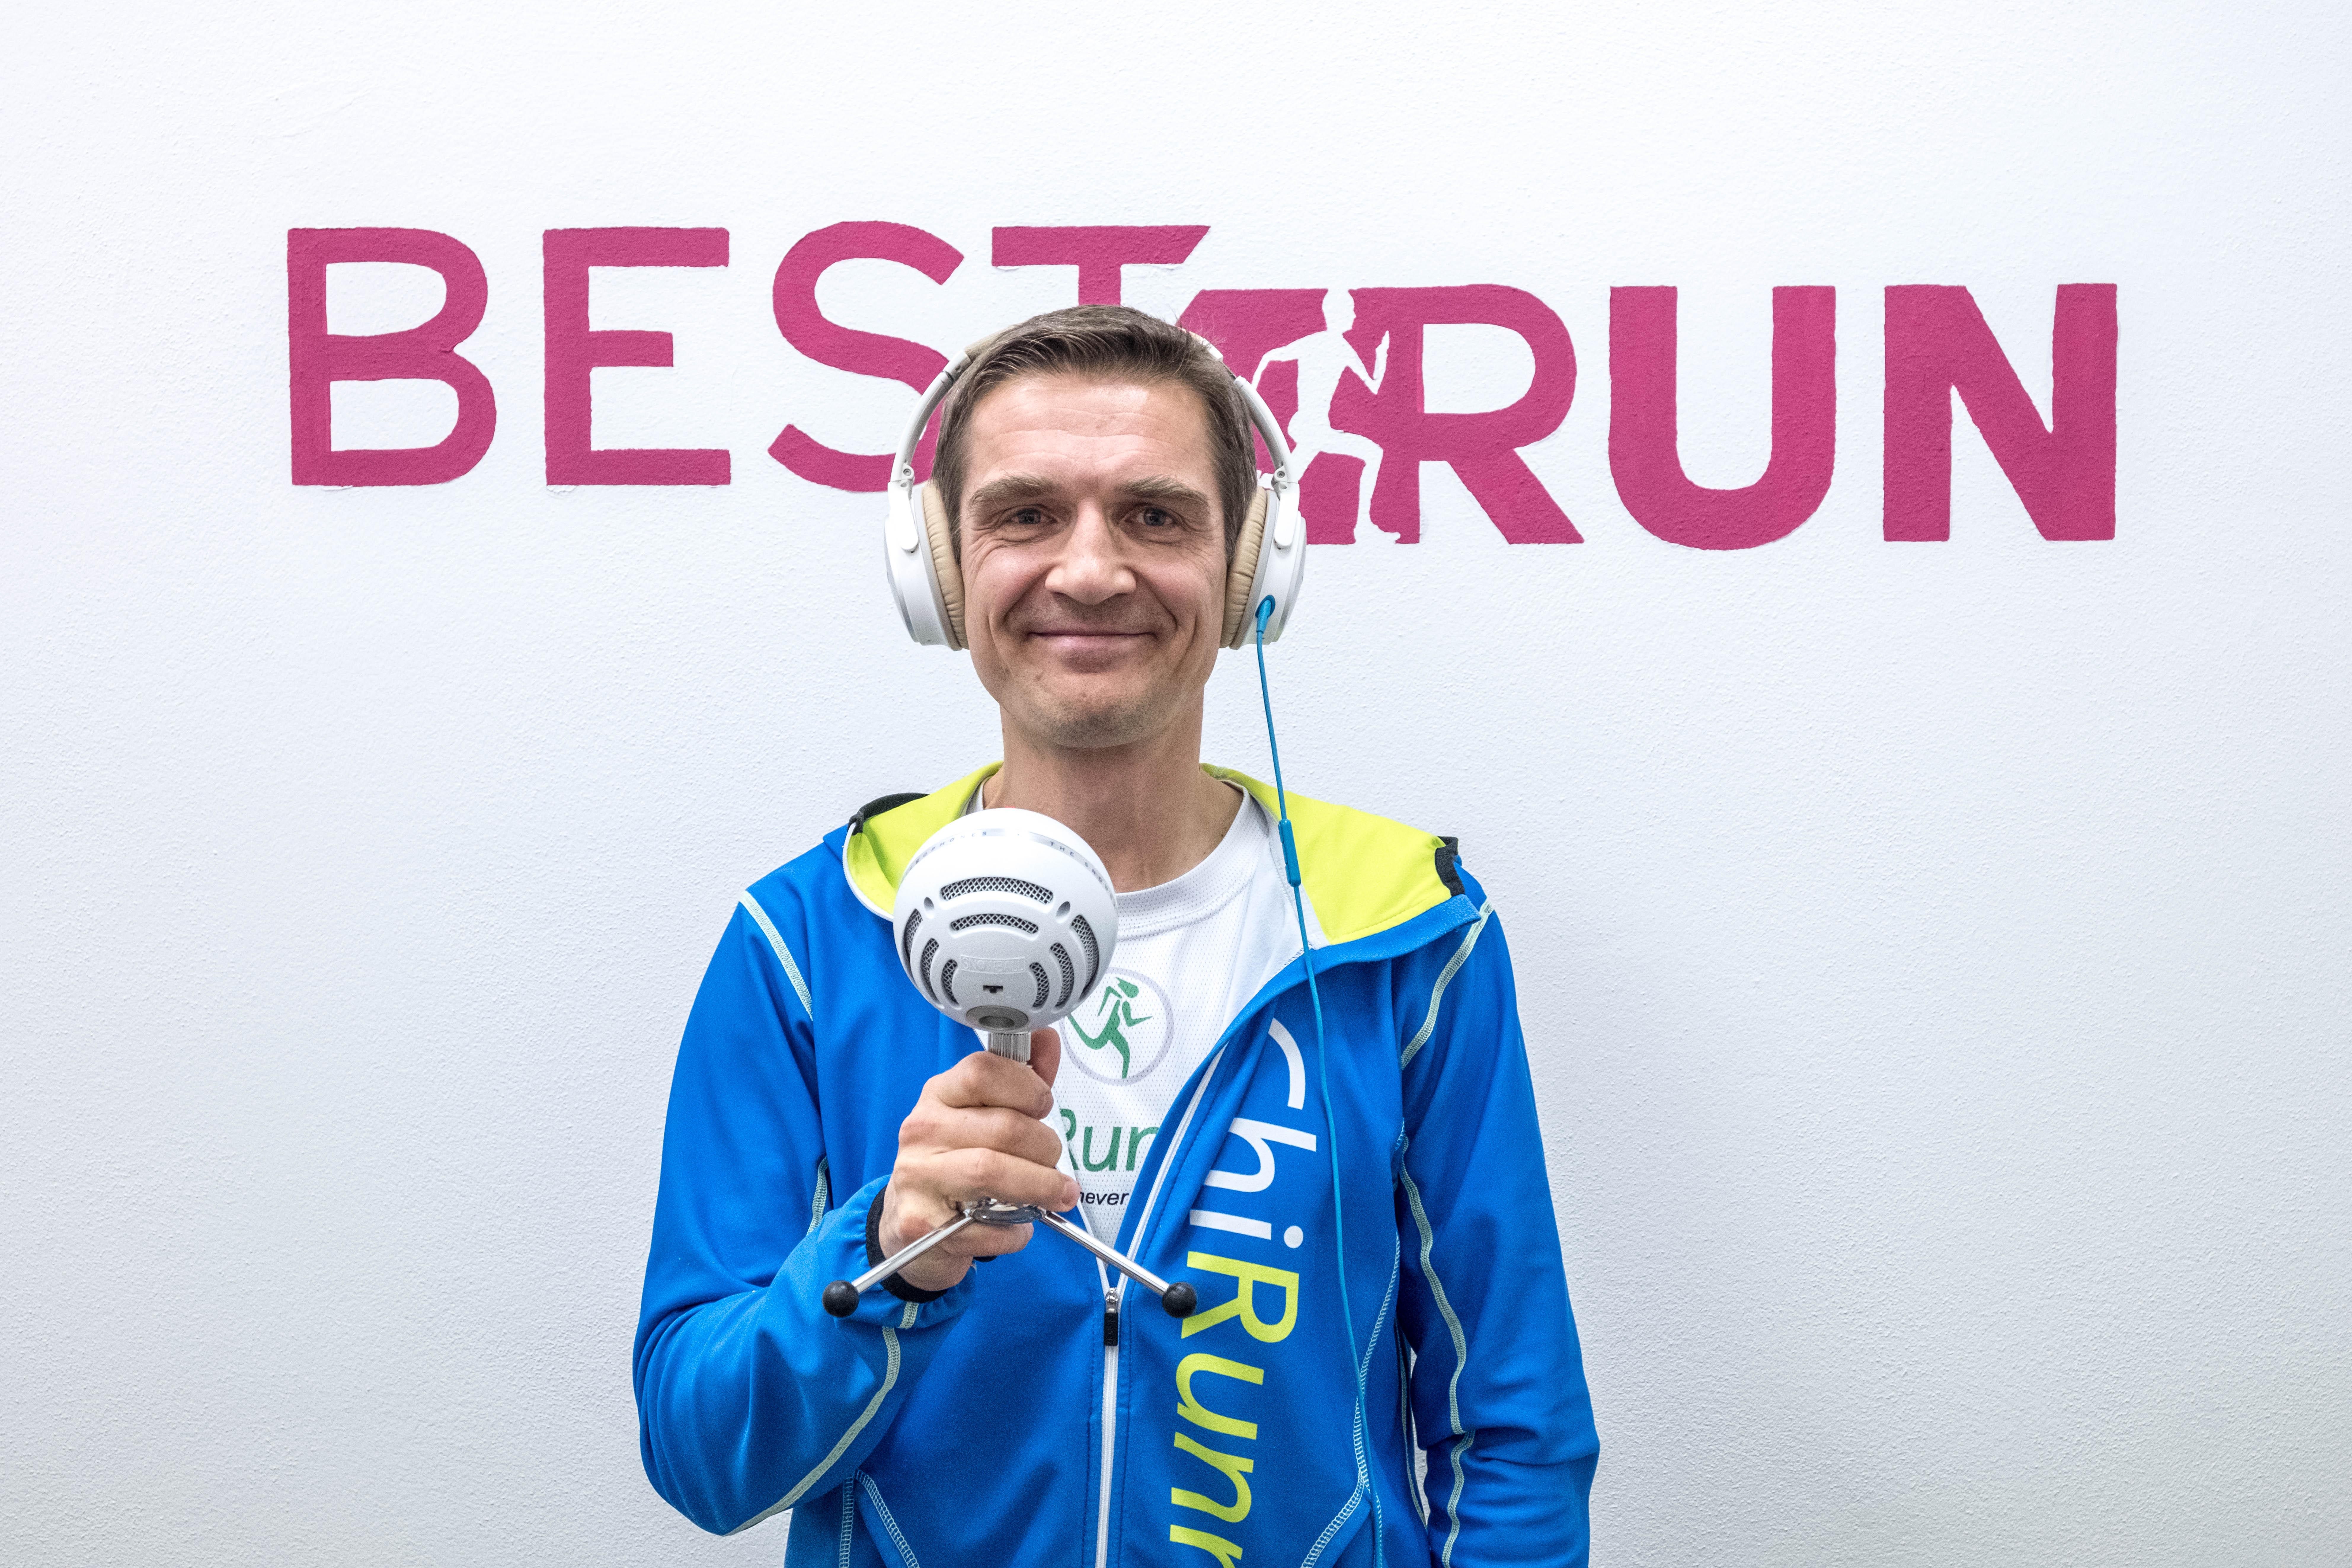 Běžecký podcast Best4Run: Jak běhat bez úsilí díky chi-runningu